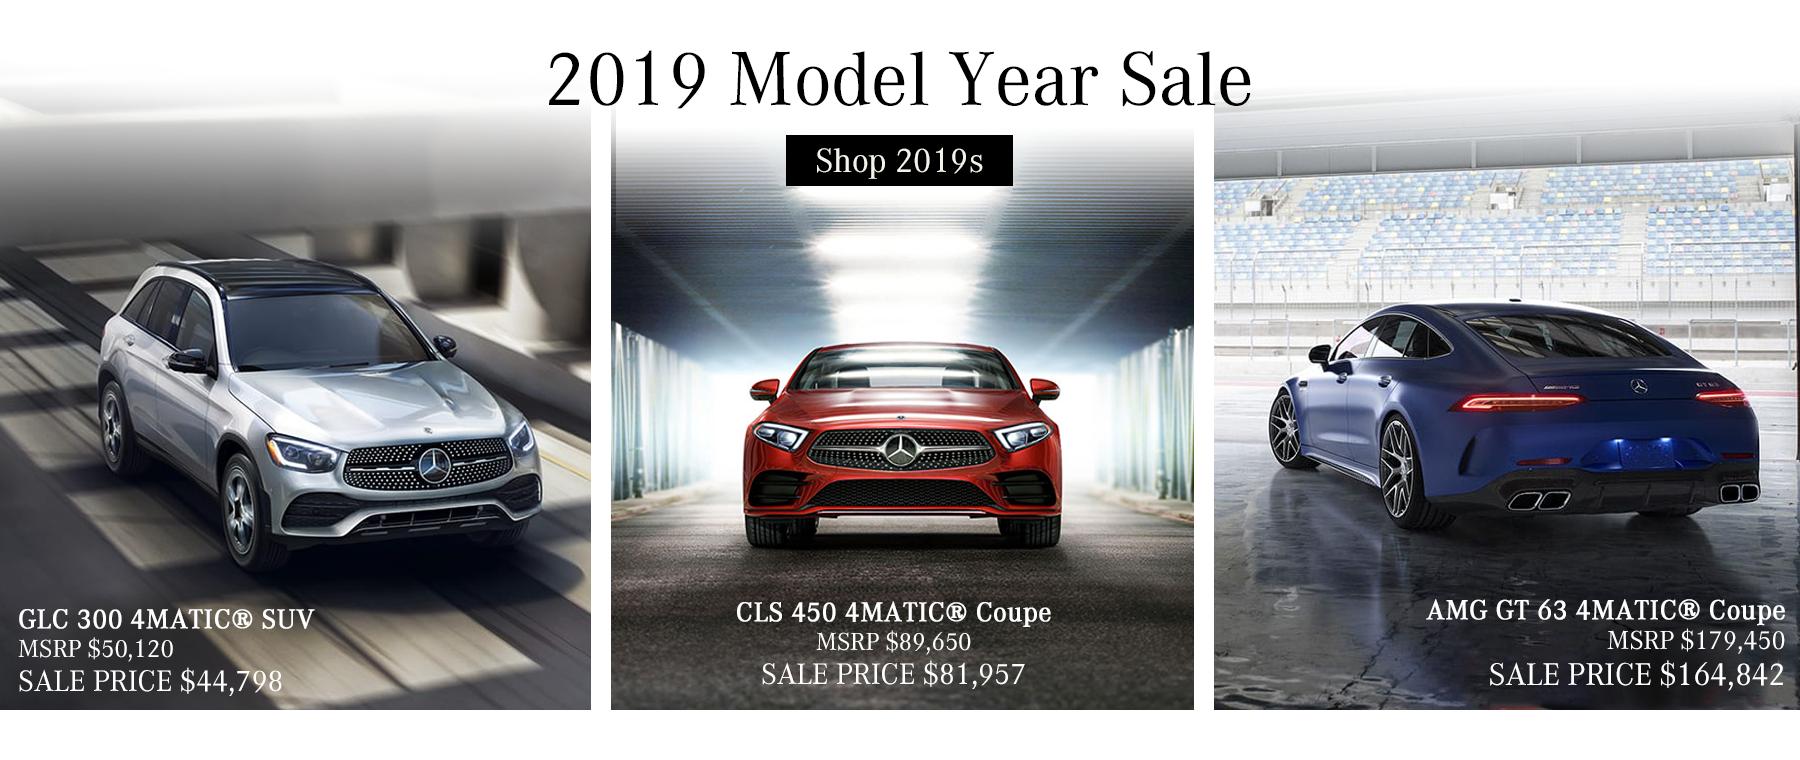 2019 Model Year Sale